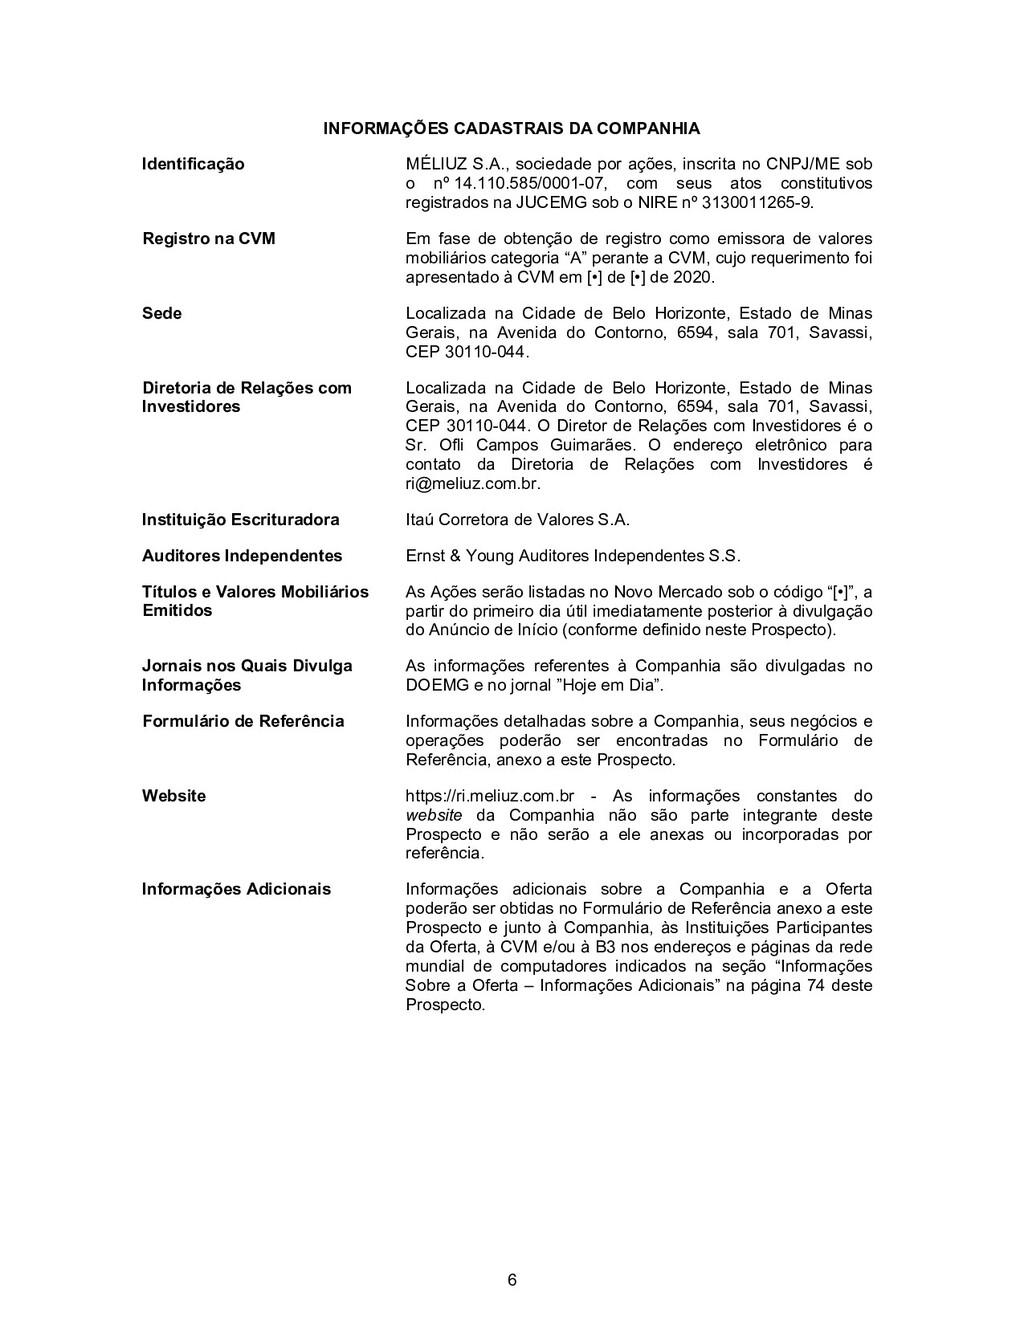 6 INFORMAÇÕES CADASTRAIS DA COMPANHIA Identific...